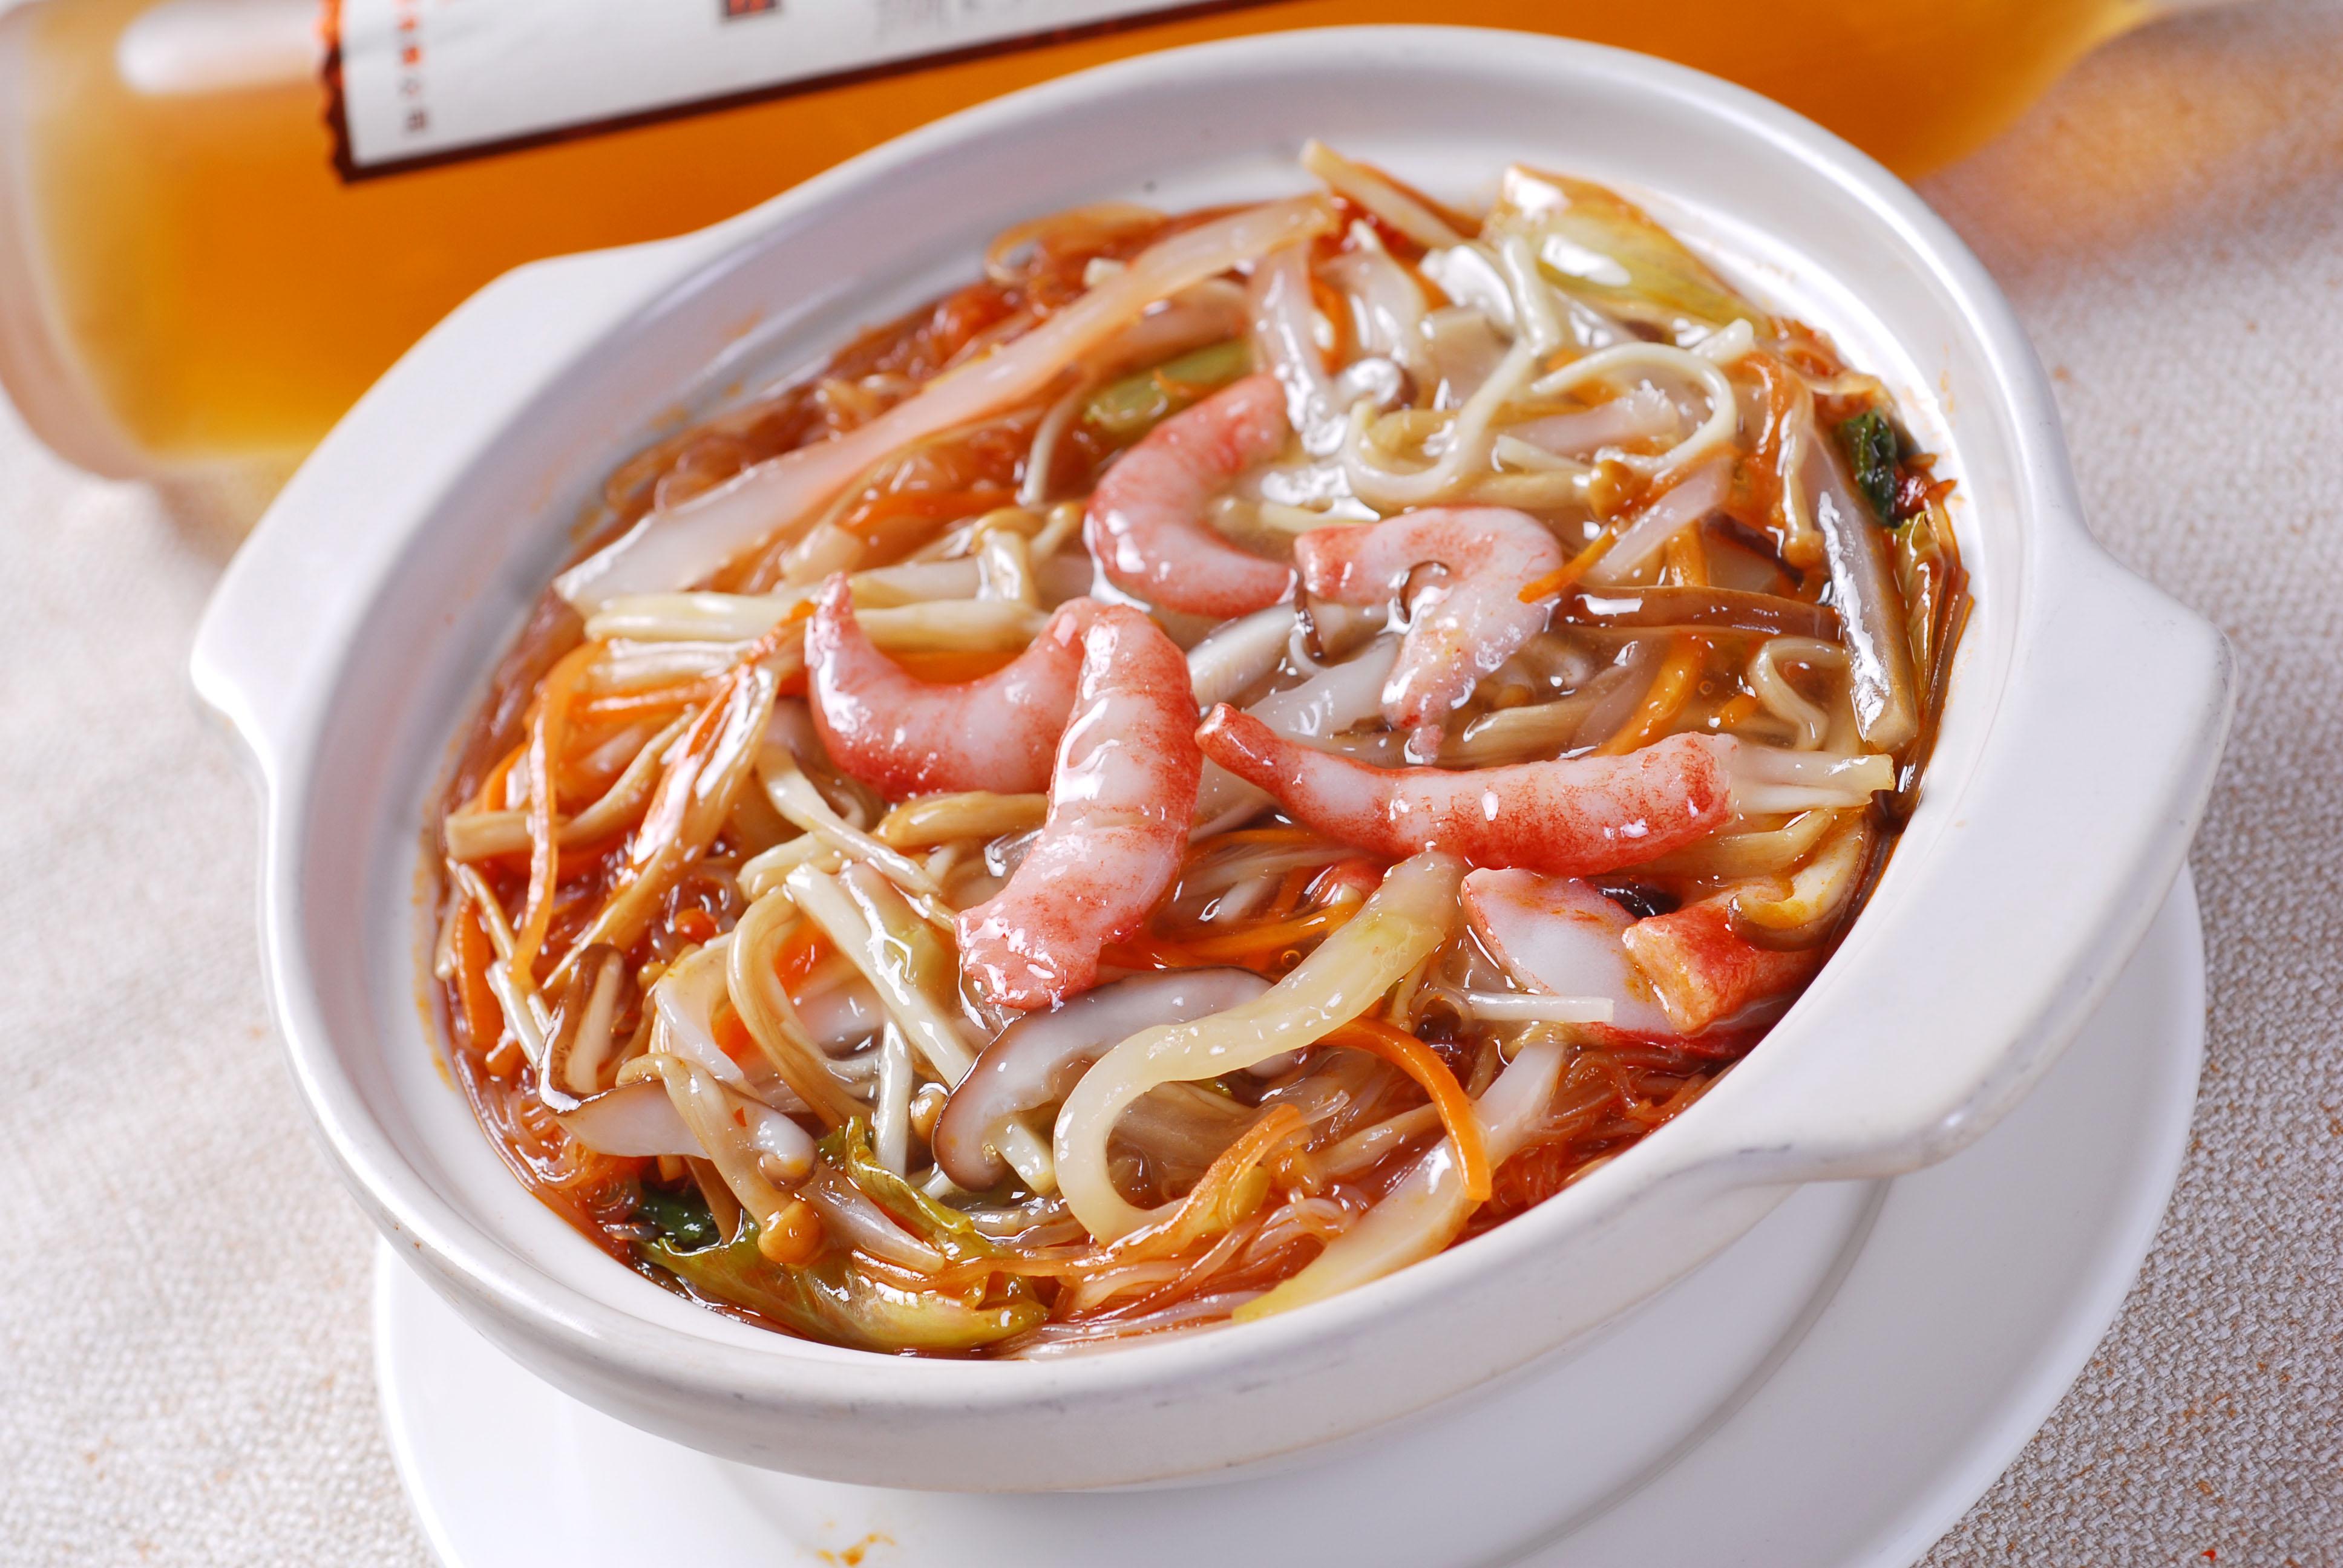 杂菜粉丝煲    主料:粉丝1包,虾6只  辅料:金针菇适量,白菜叶2片,葱